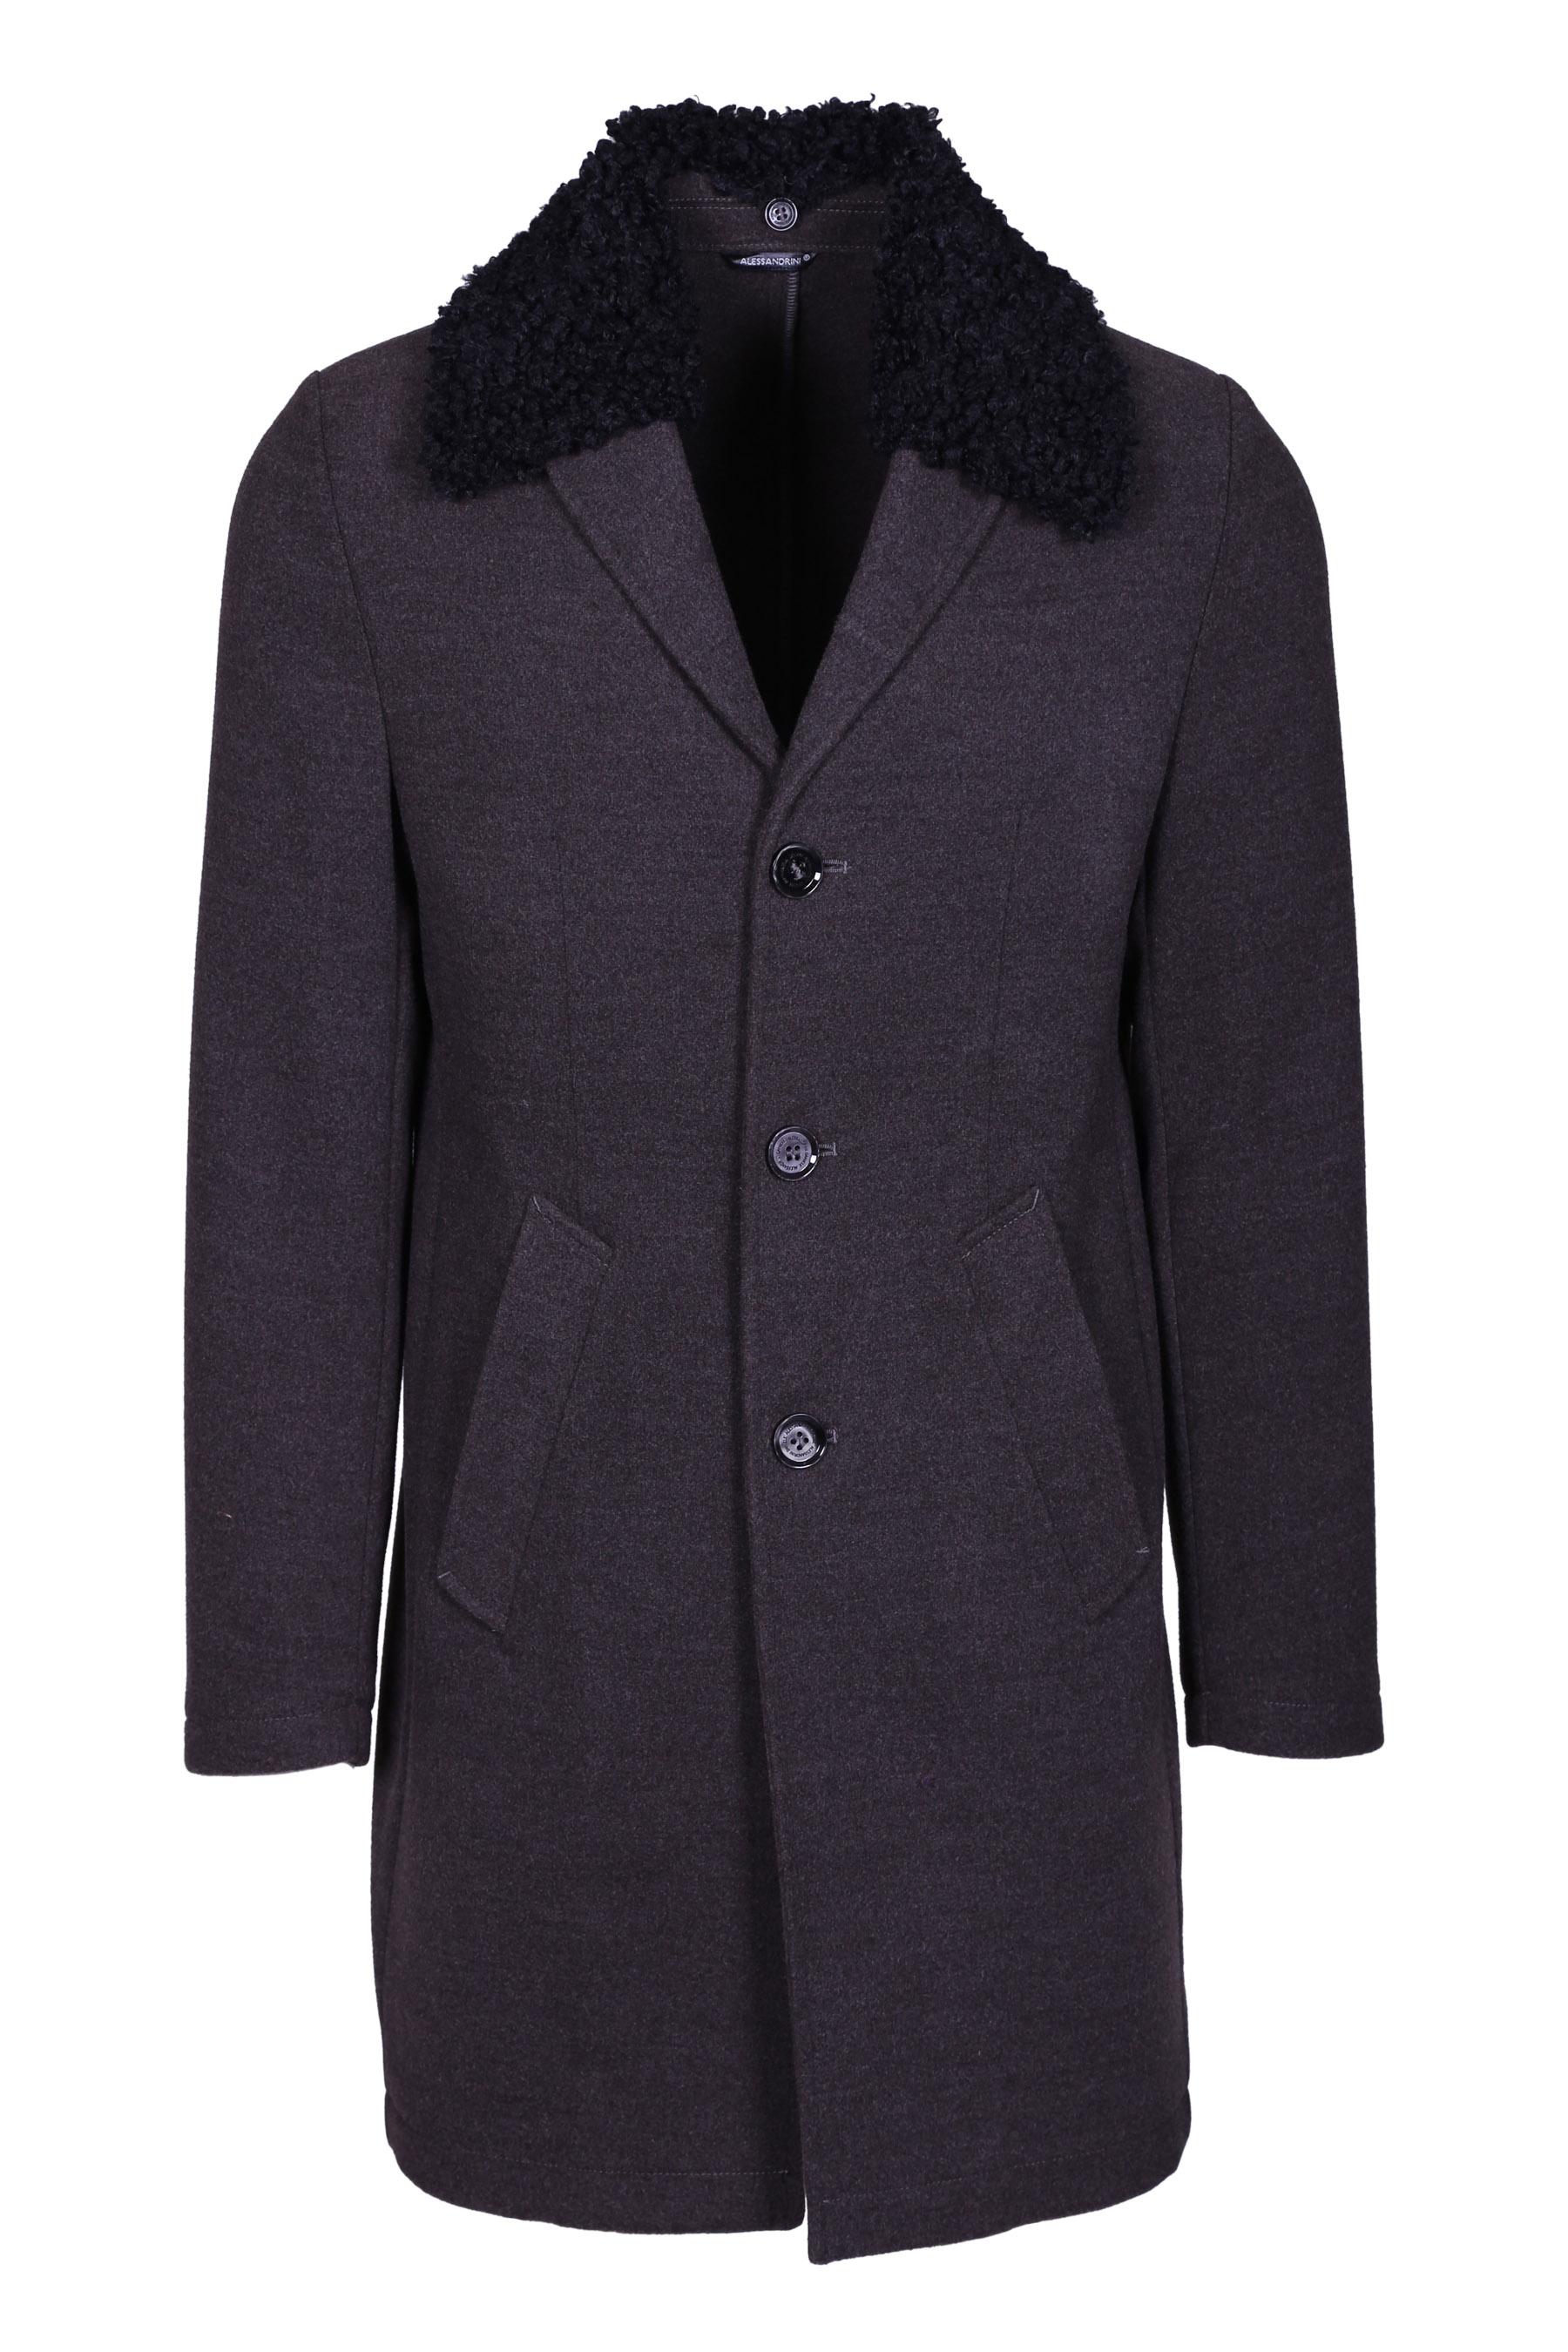 Three-button coat with fur collar DANIELE ALESSANDRINI | Coat | T529M510390610